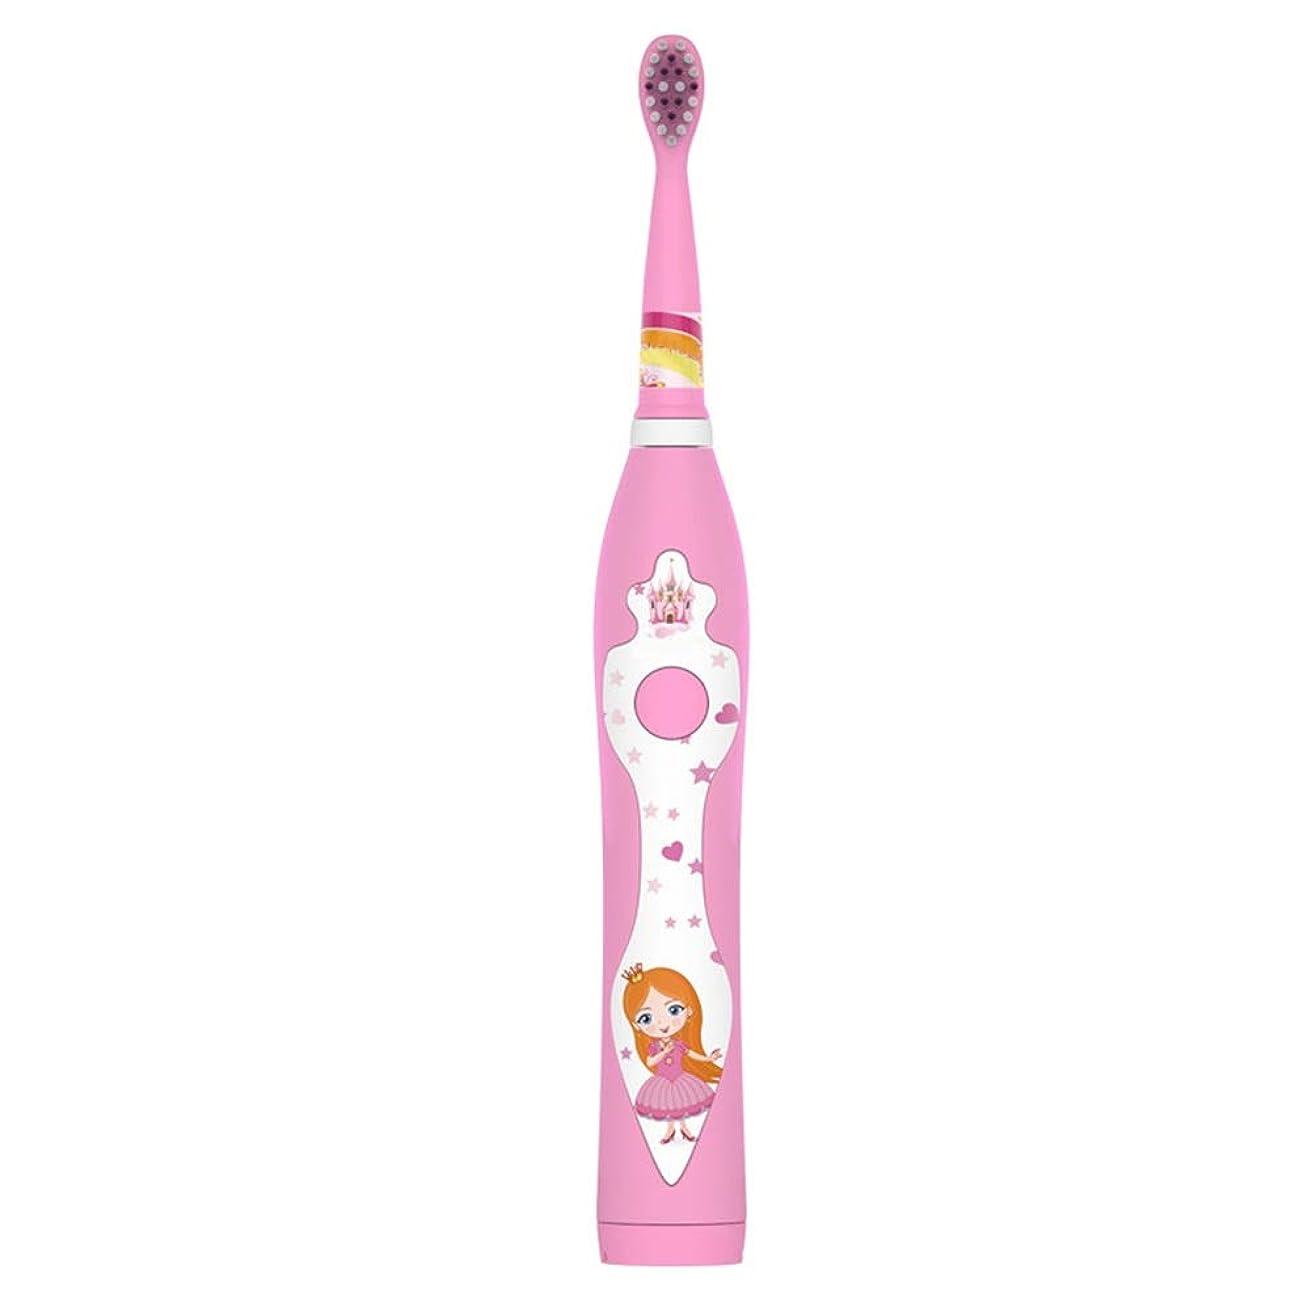 絡まる控えるボイラー子供の電動歯ブラシかわいいUSB充電式歯ブラシホルダーと2つの交換用ヘッド (色 : ピンク, サイズ : Free size)